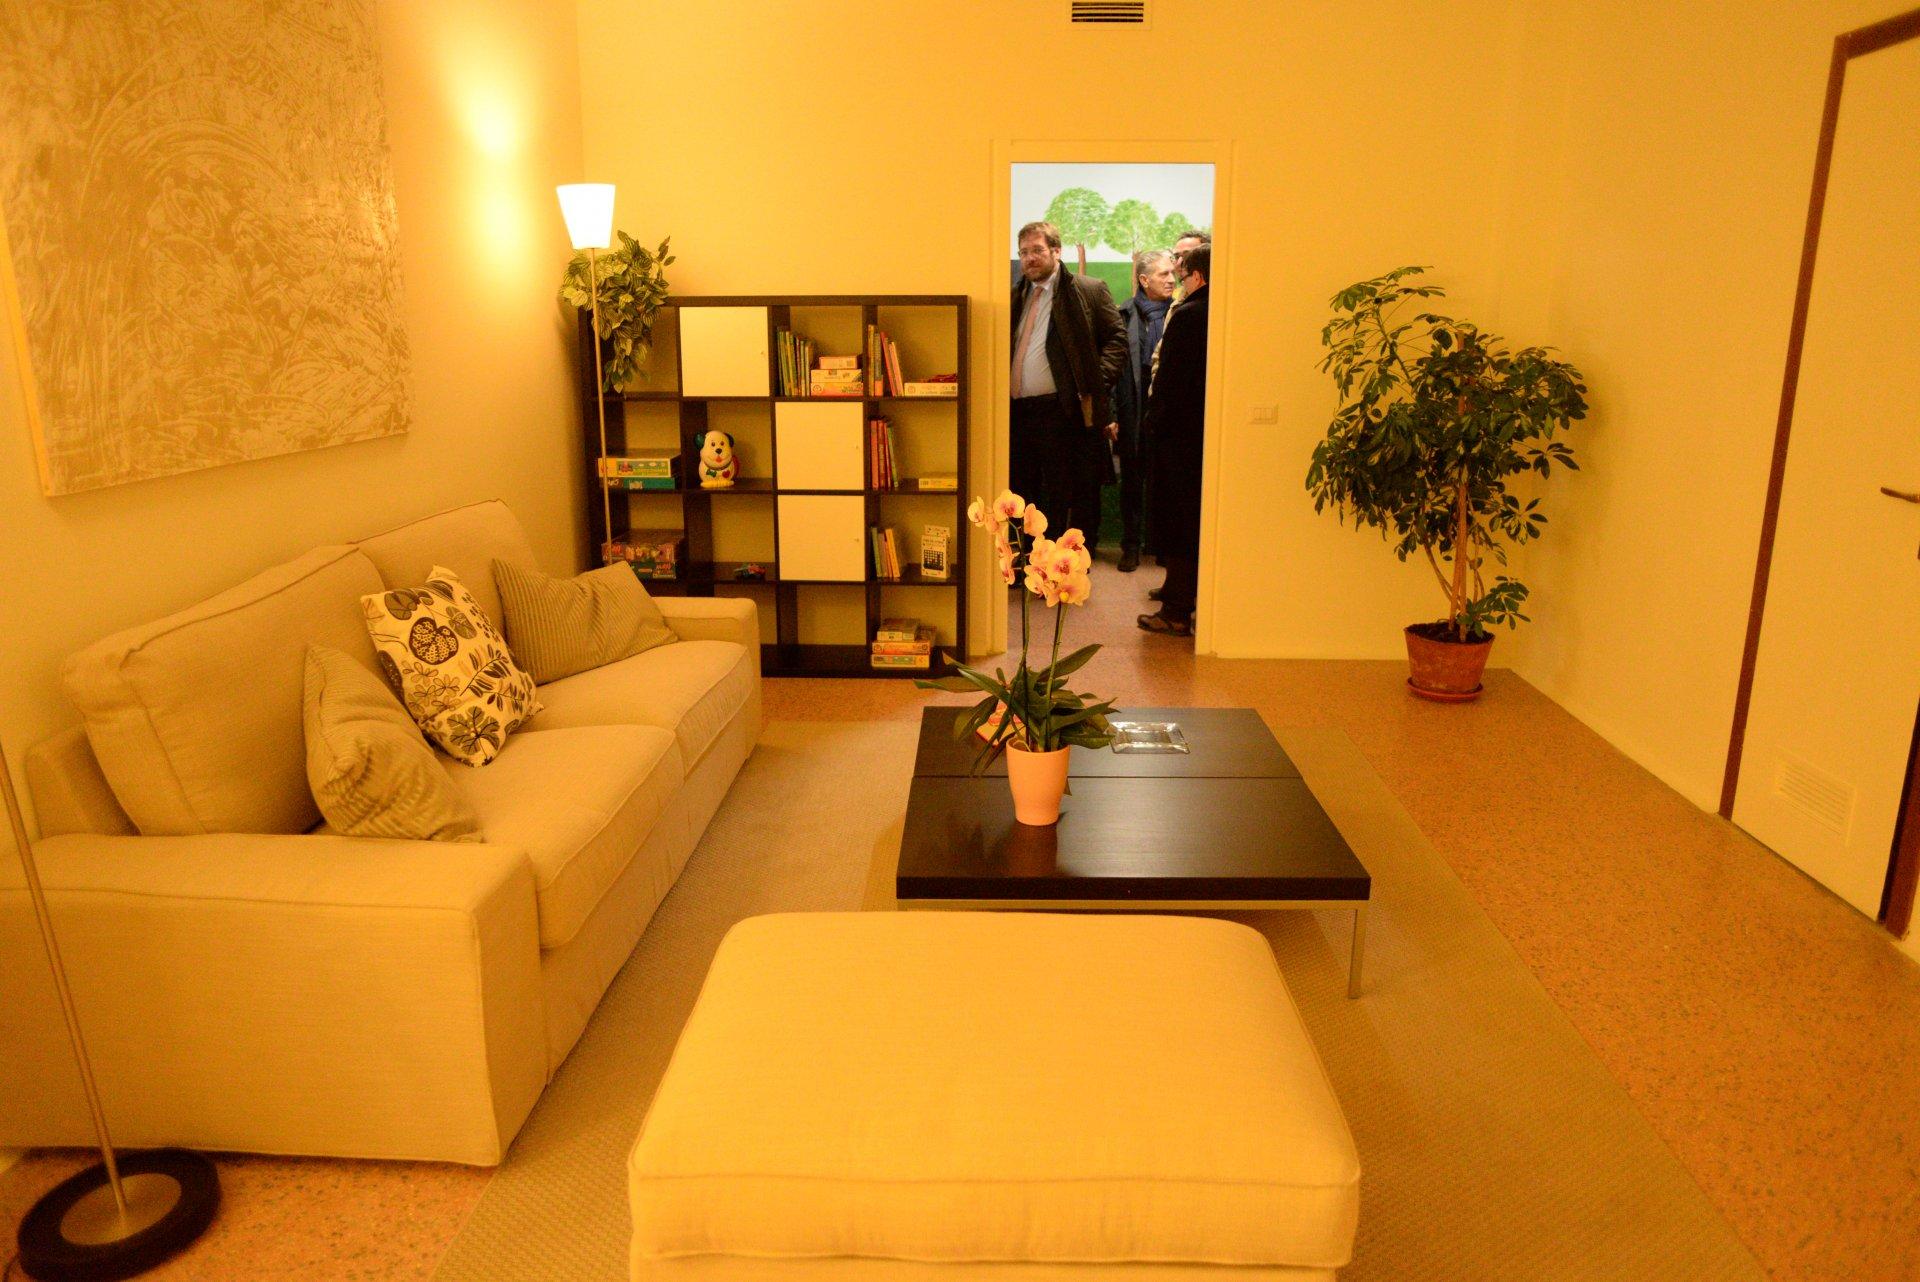 Carcere Monza inaugurato lo spazio famiglia